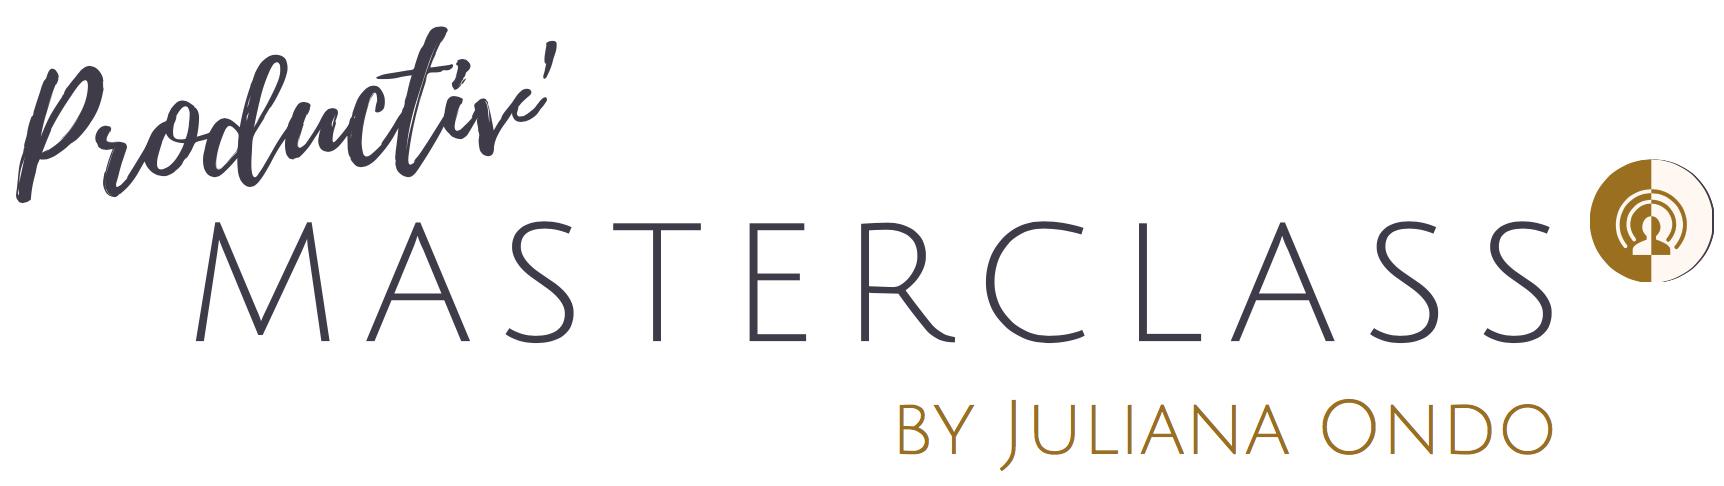 Productiv Masterclass Juliana Ondo